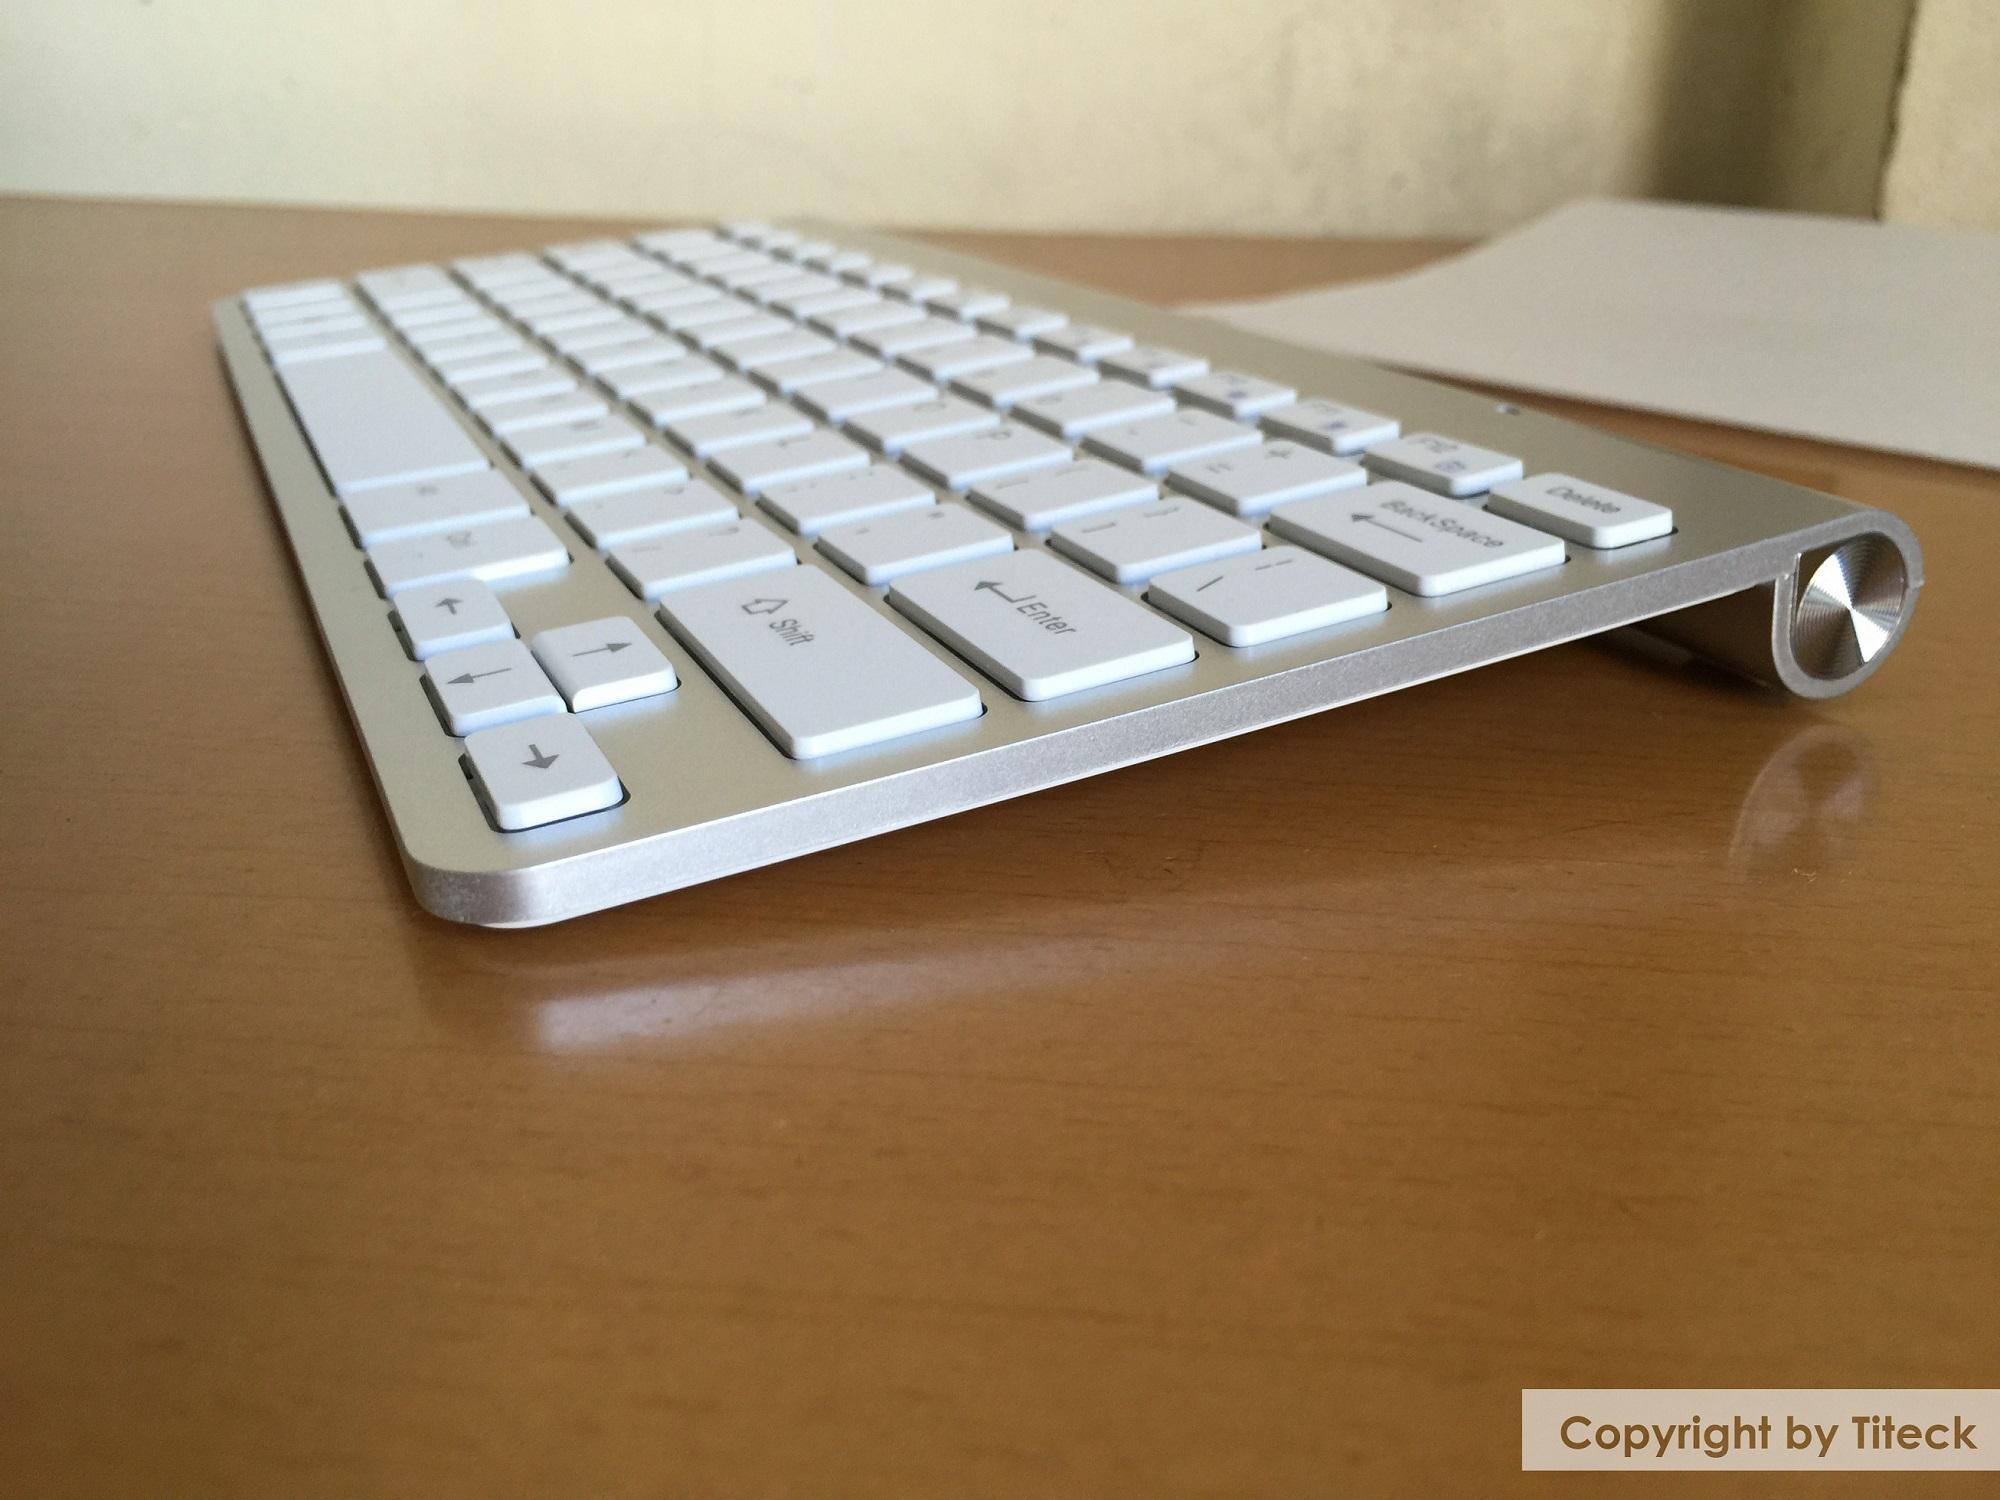 Bàn phím không dây cao cấp dùng cho laptop, PC, Smart TV